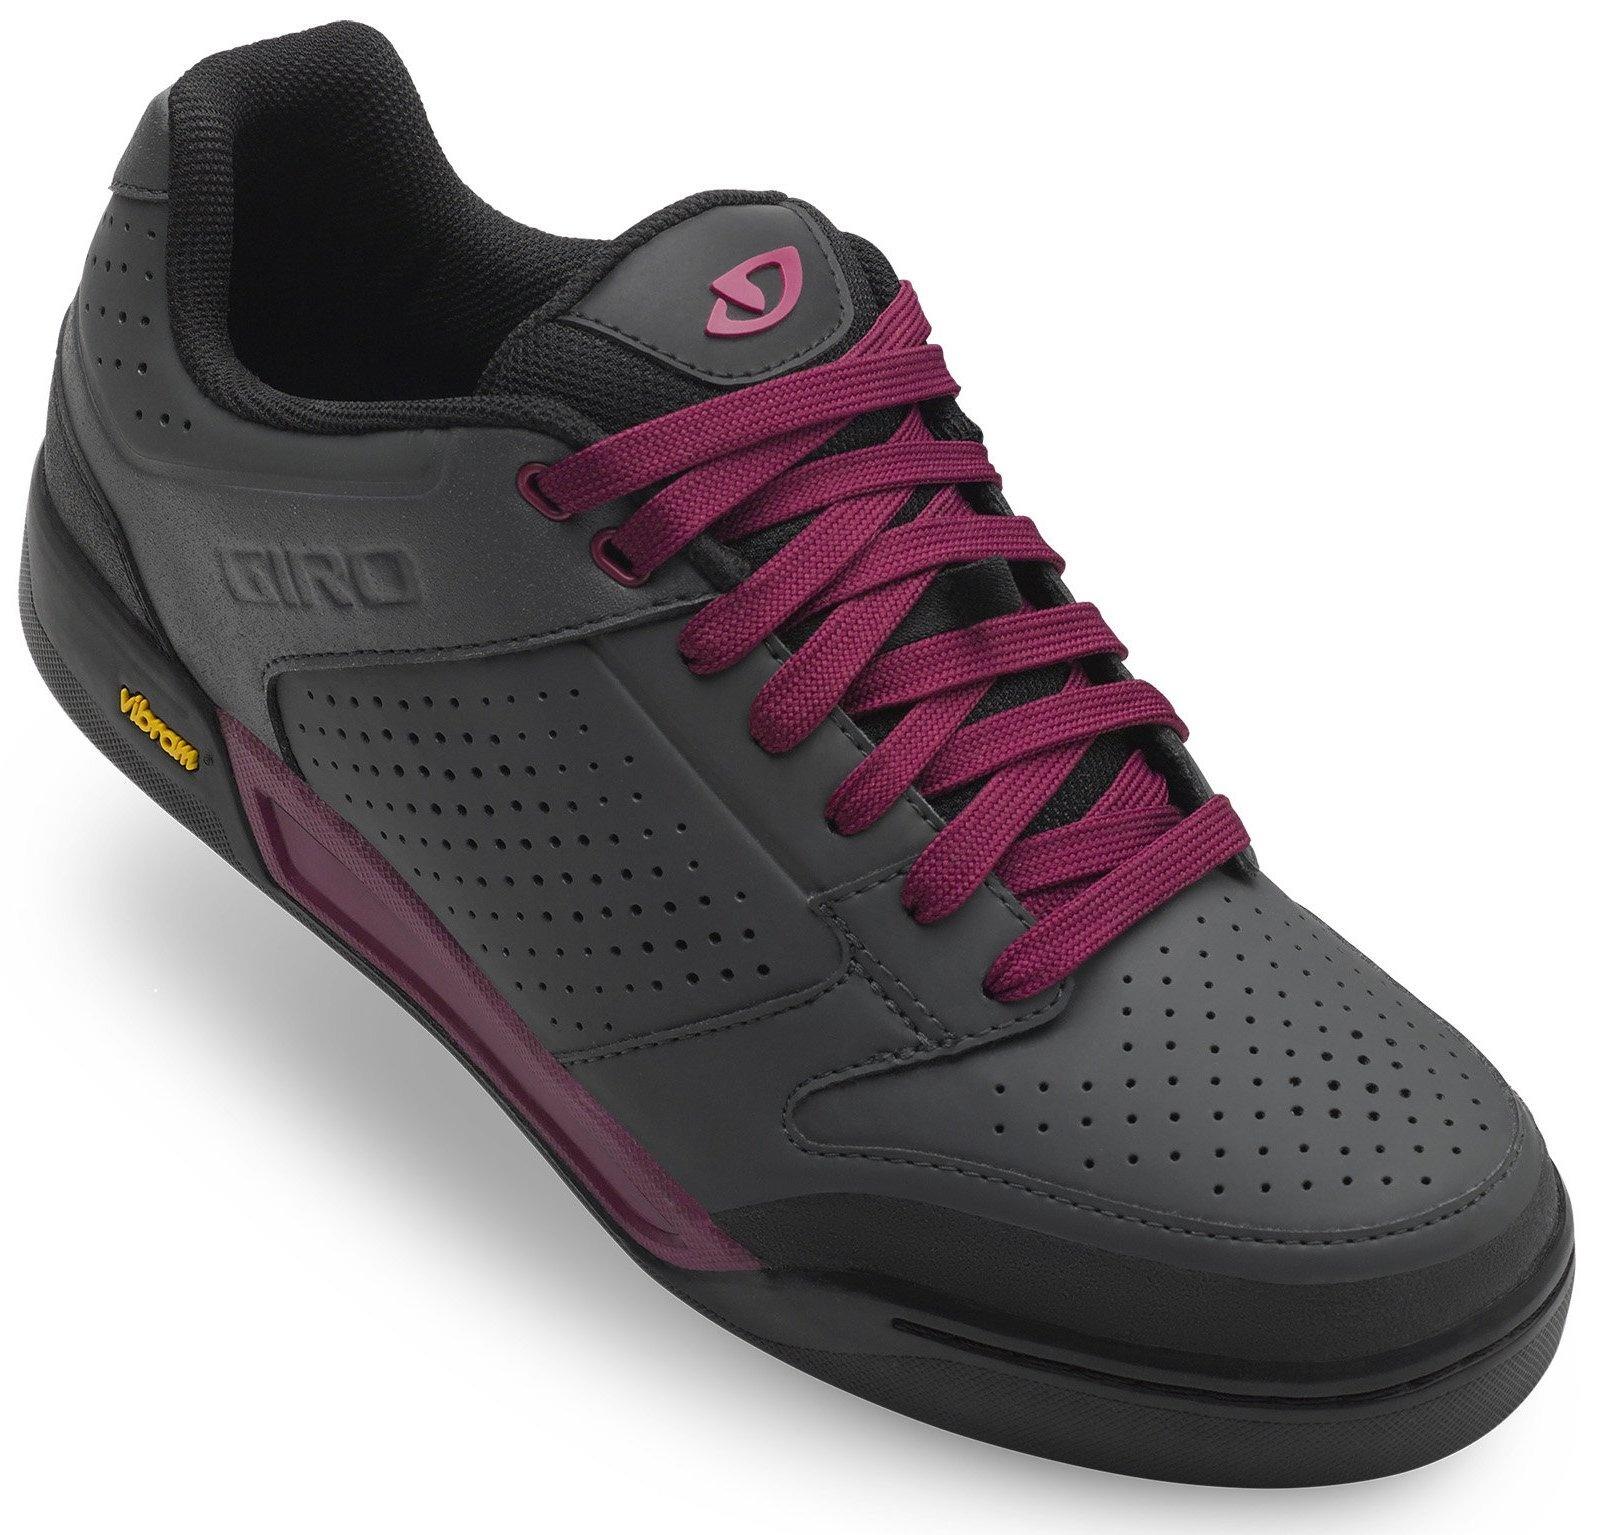 Giro - Riddance | cycling shoes